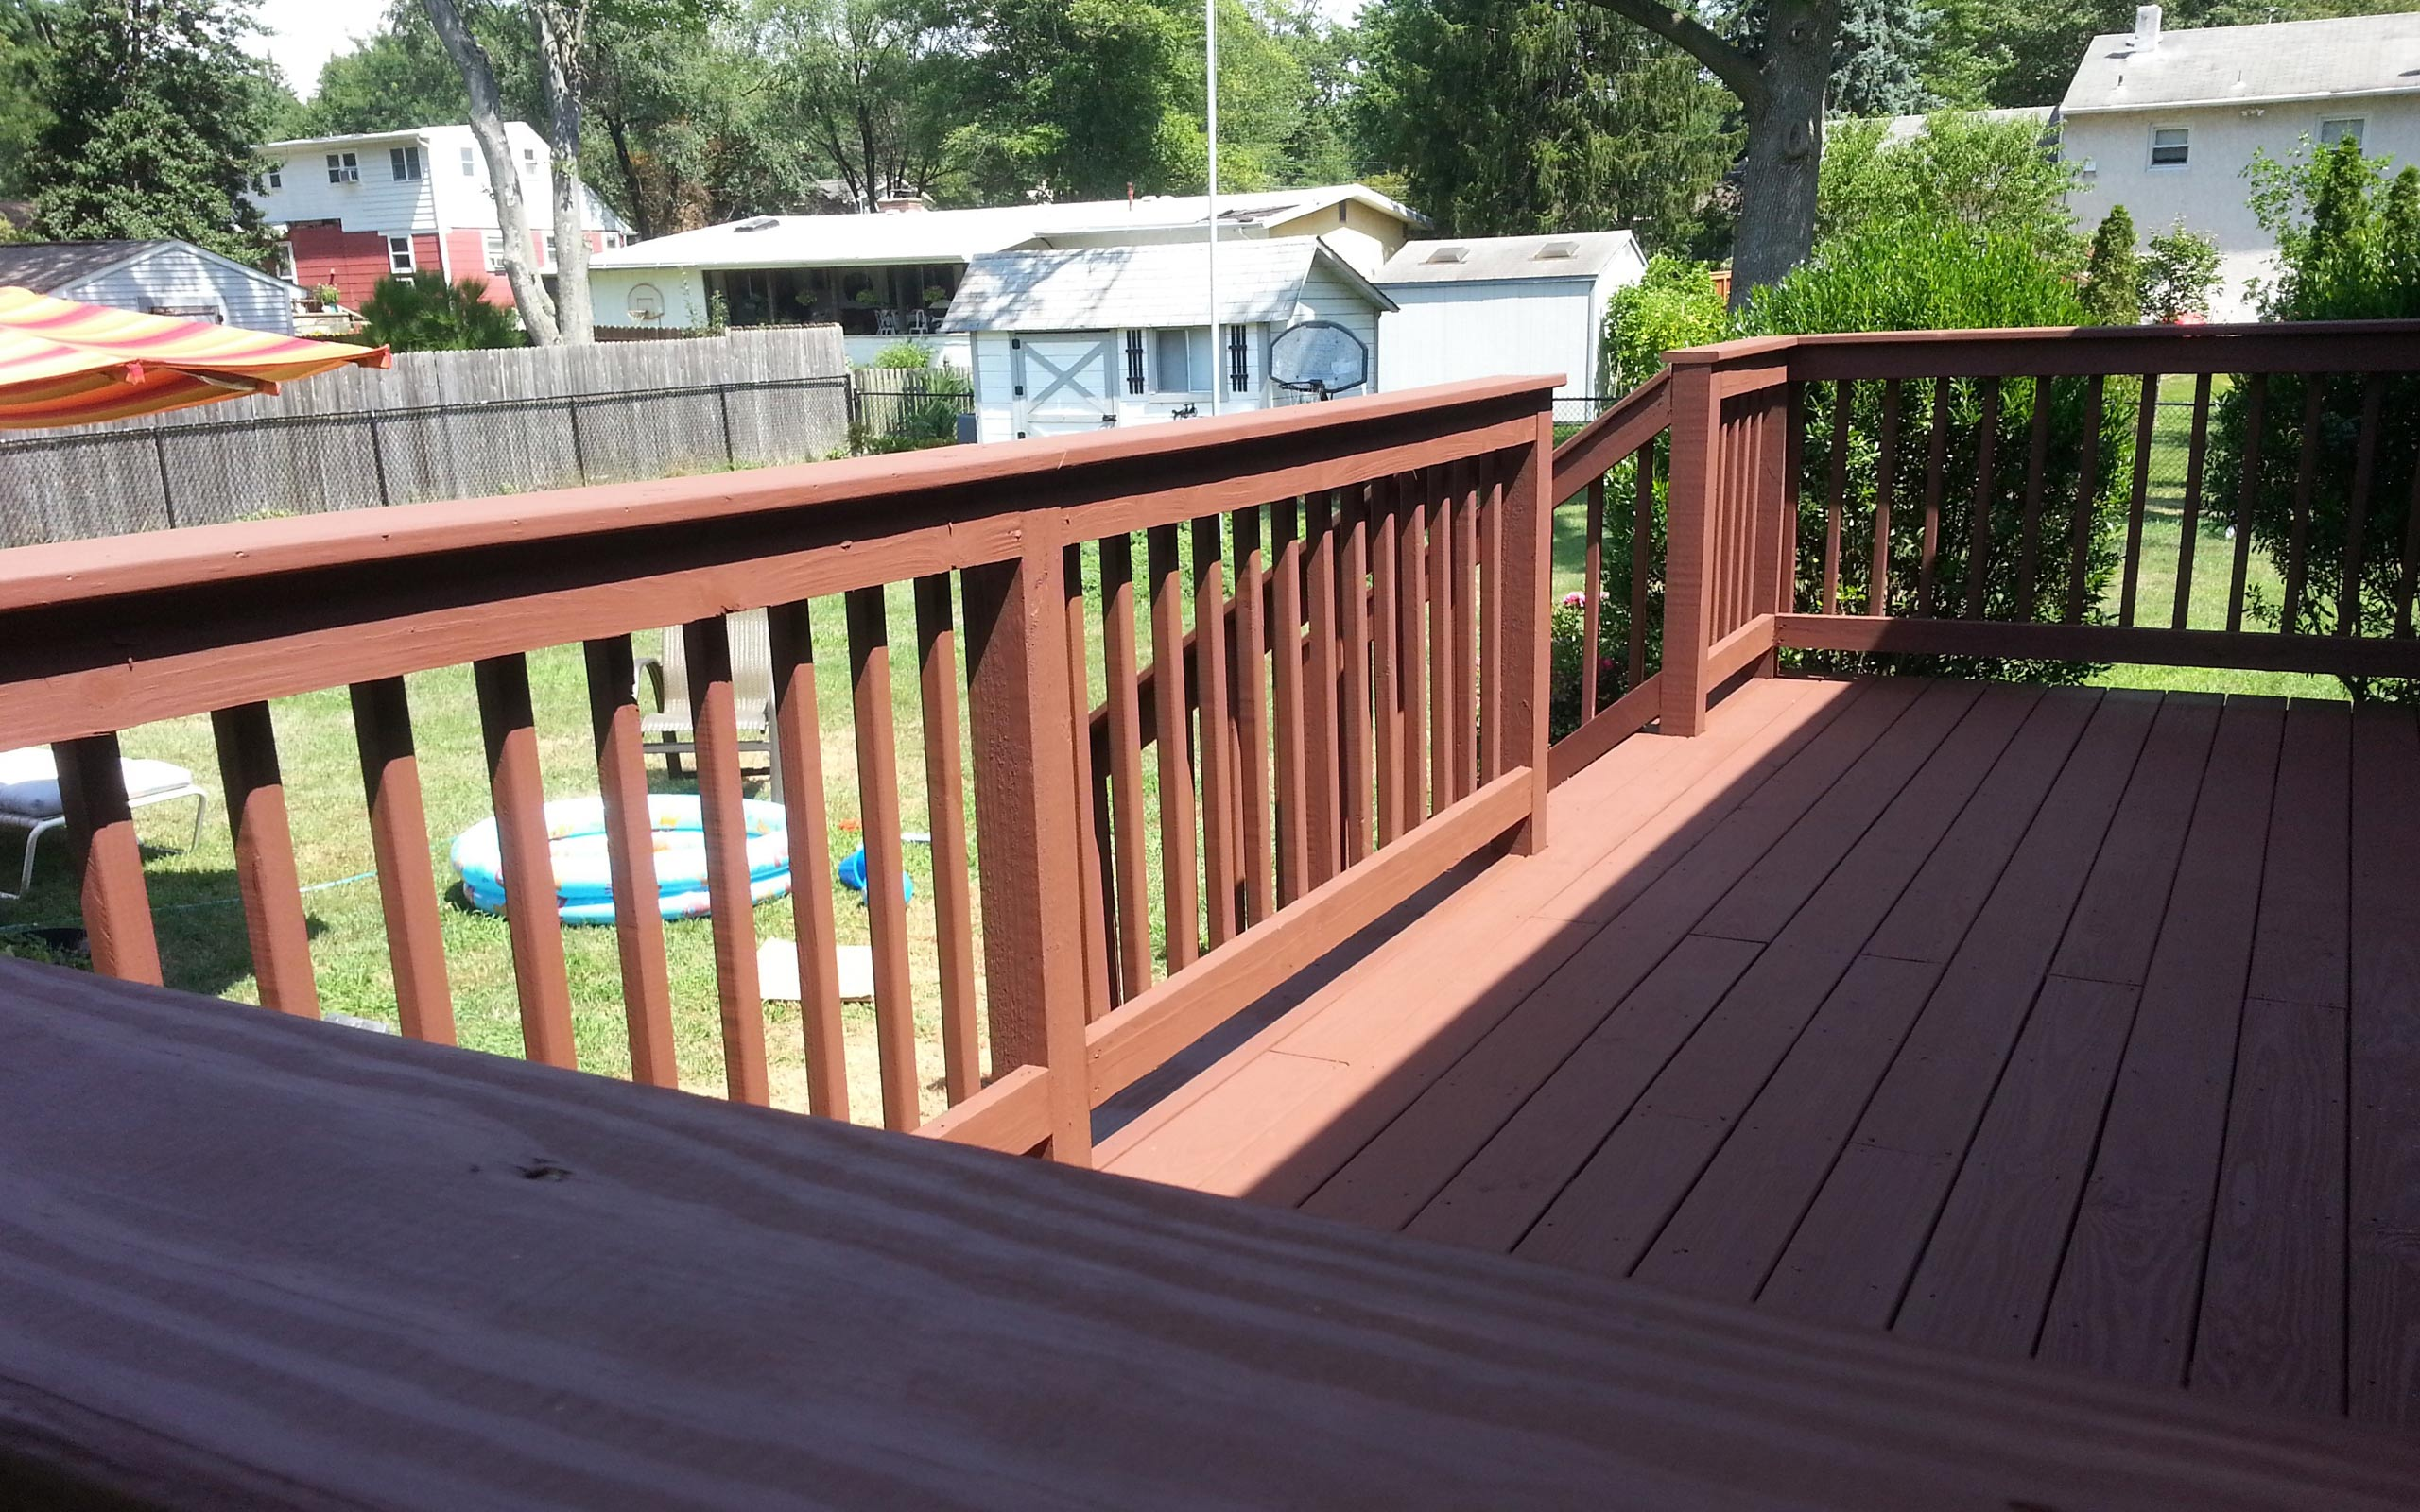 Newly built deck